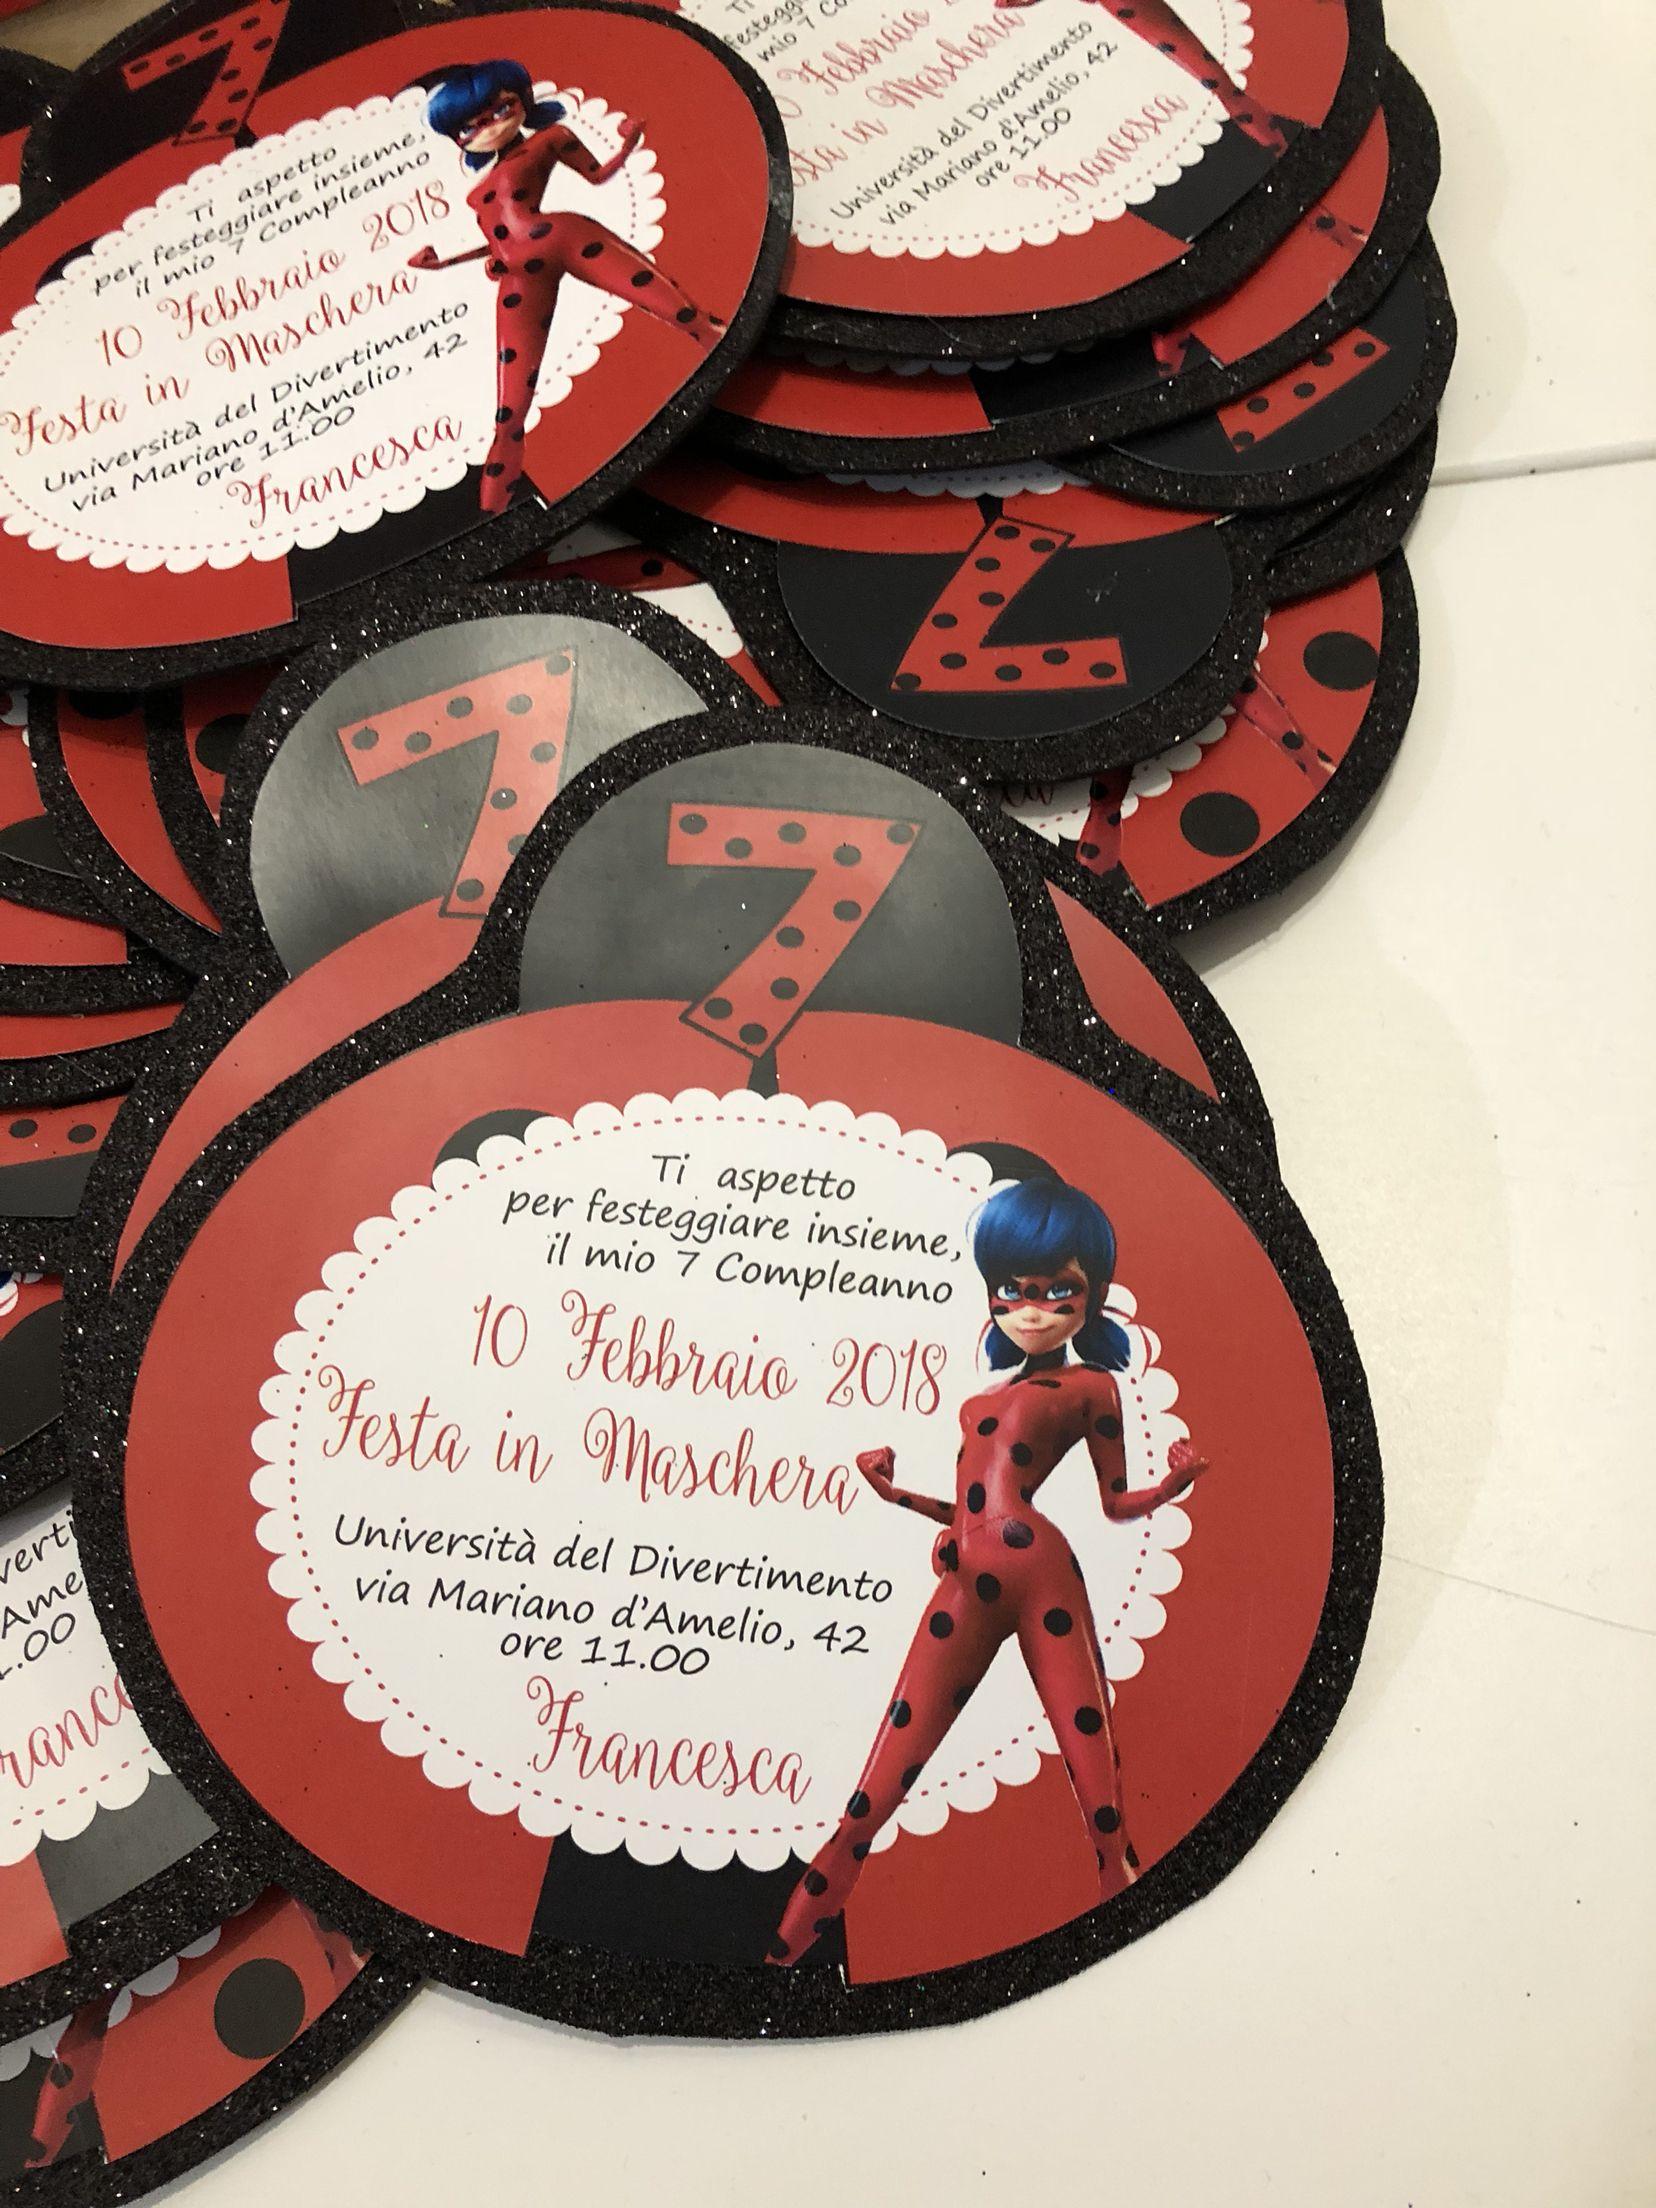 Invito Ladybug Fiesta Invitaciones Fiesta Y Cumpleaños